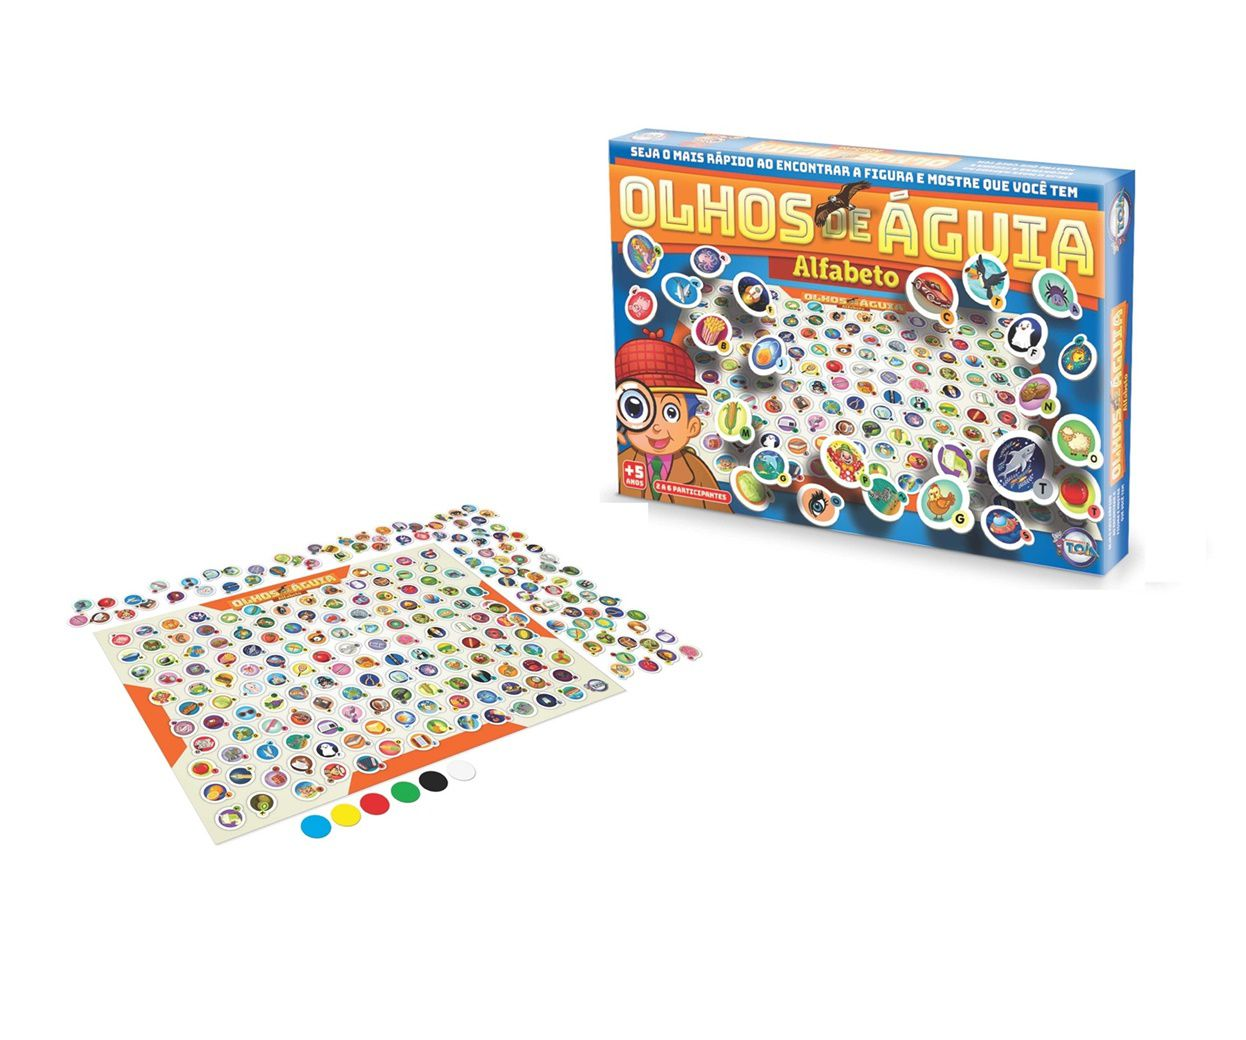 Jogo Olhos de Águia Alfabeto - Toia Brinquedos